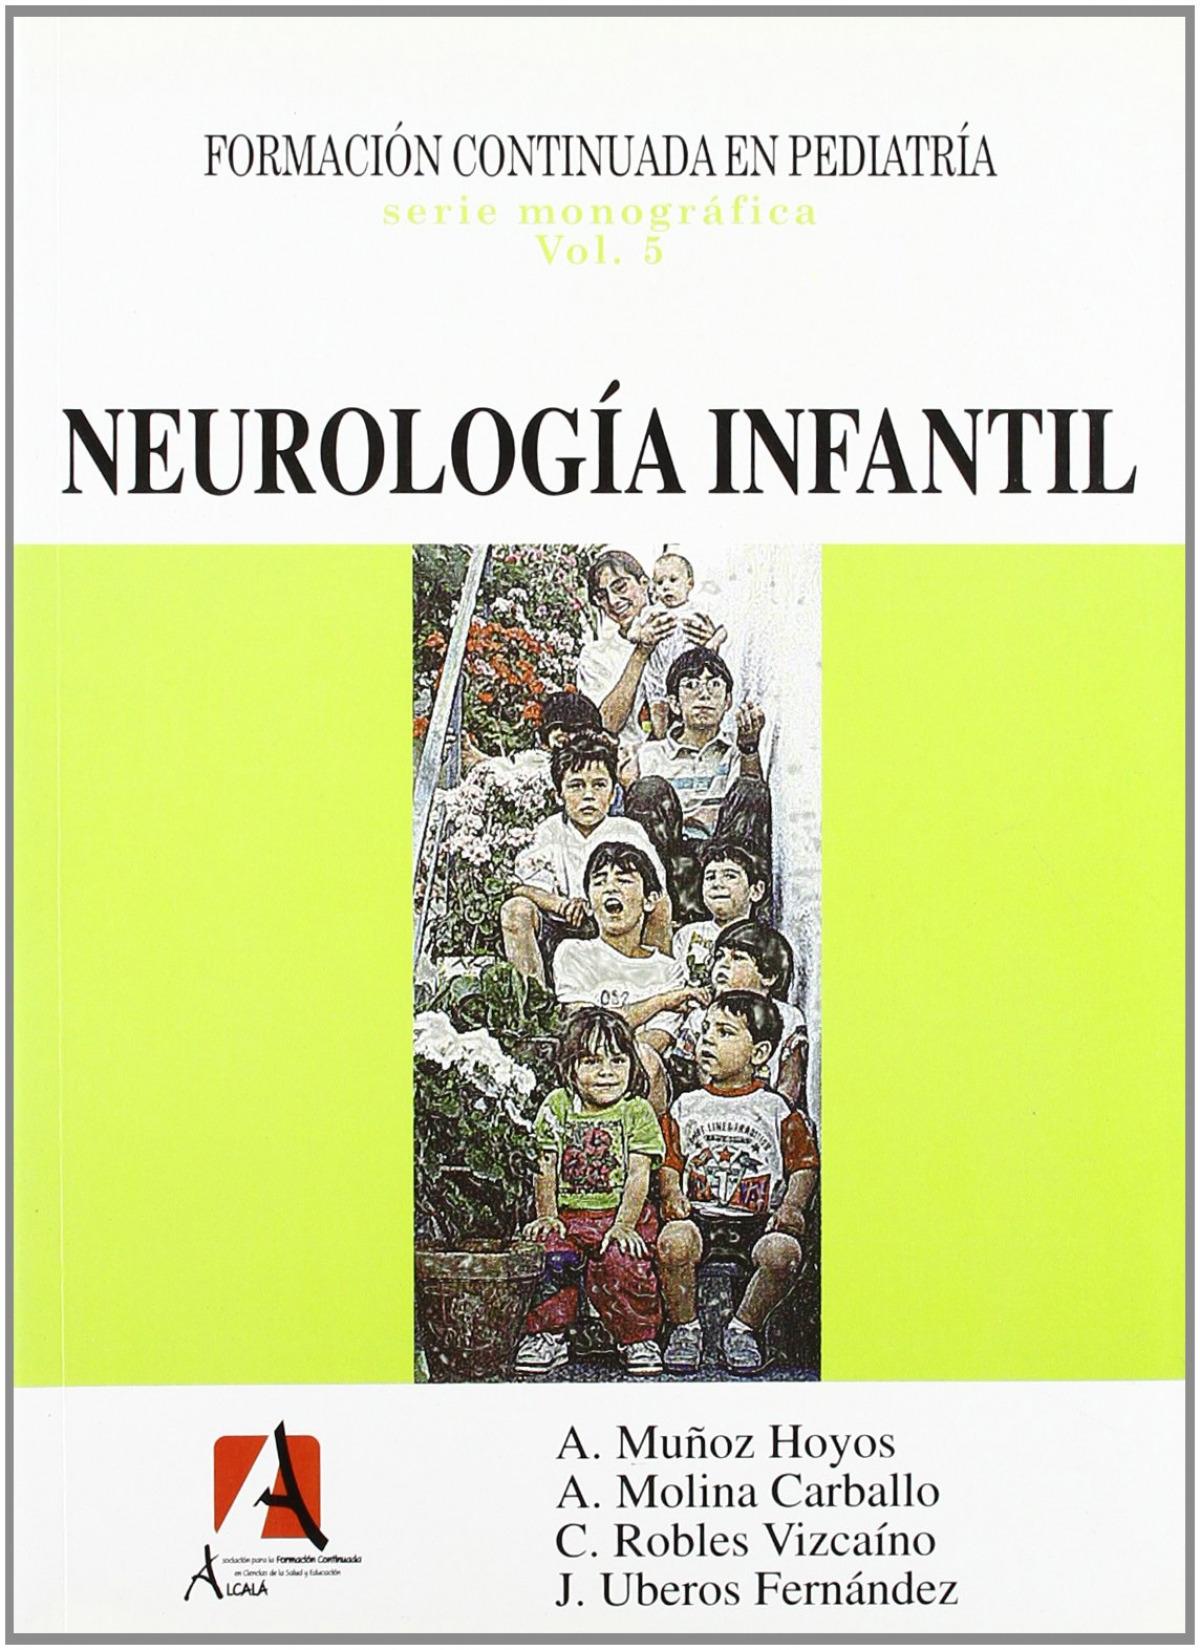 Neurología infantil - Muñoz Hoyos, Antonio/Molina Carballo, A./Uberos Fernández, J/Robles Vizcaíno, C.